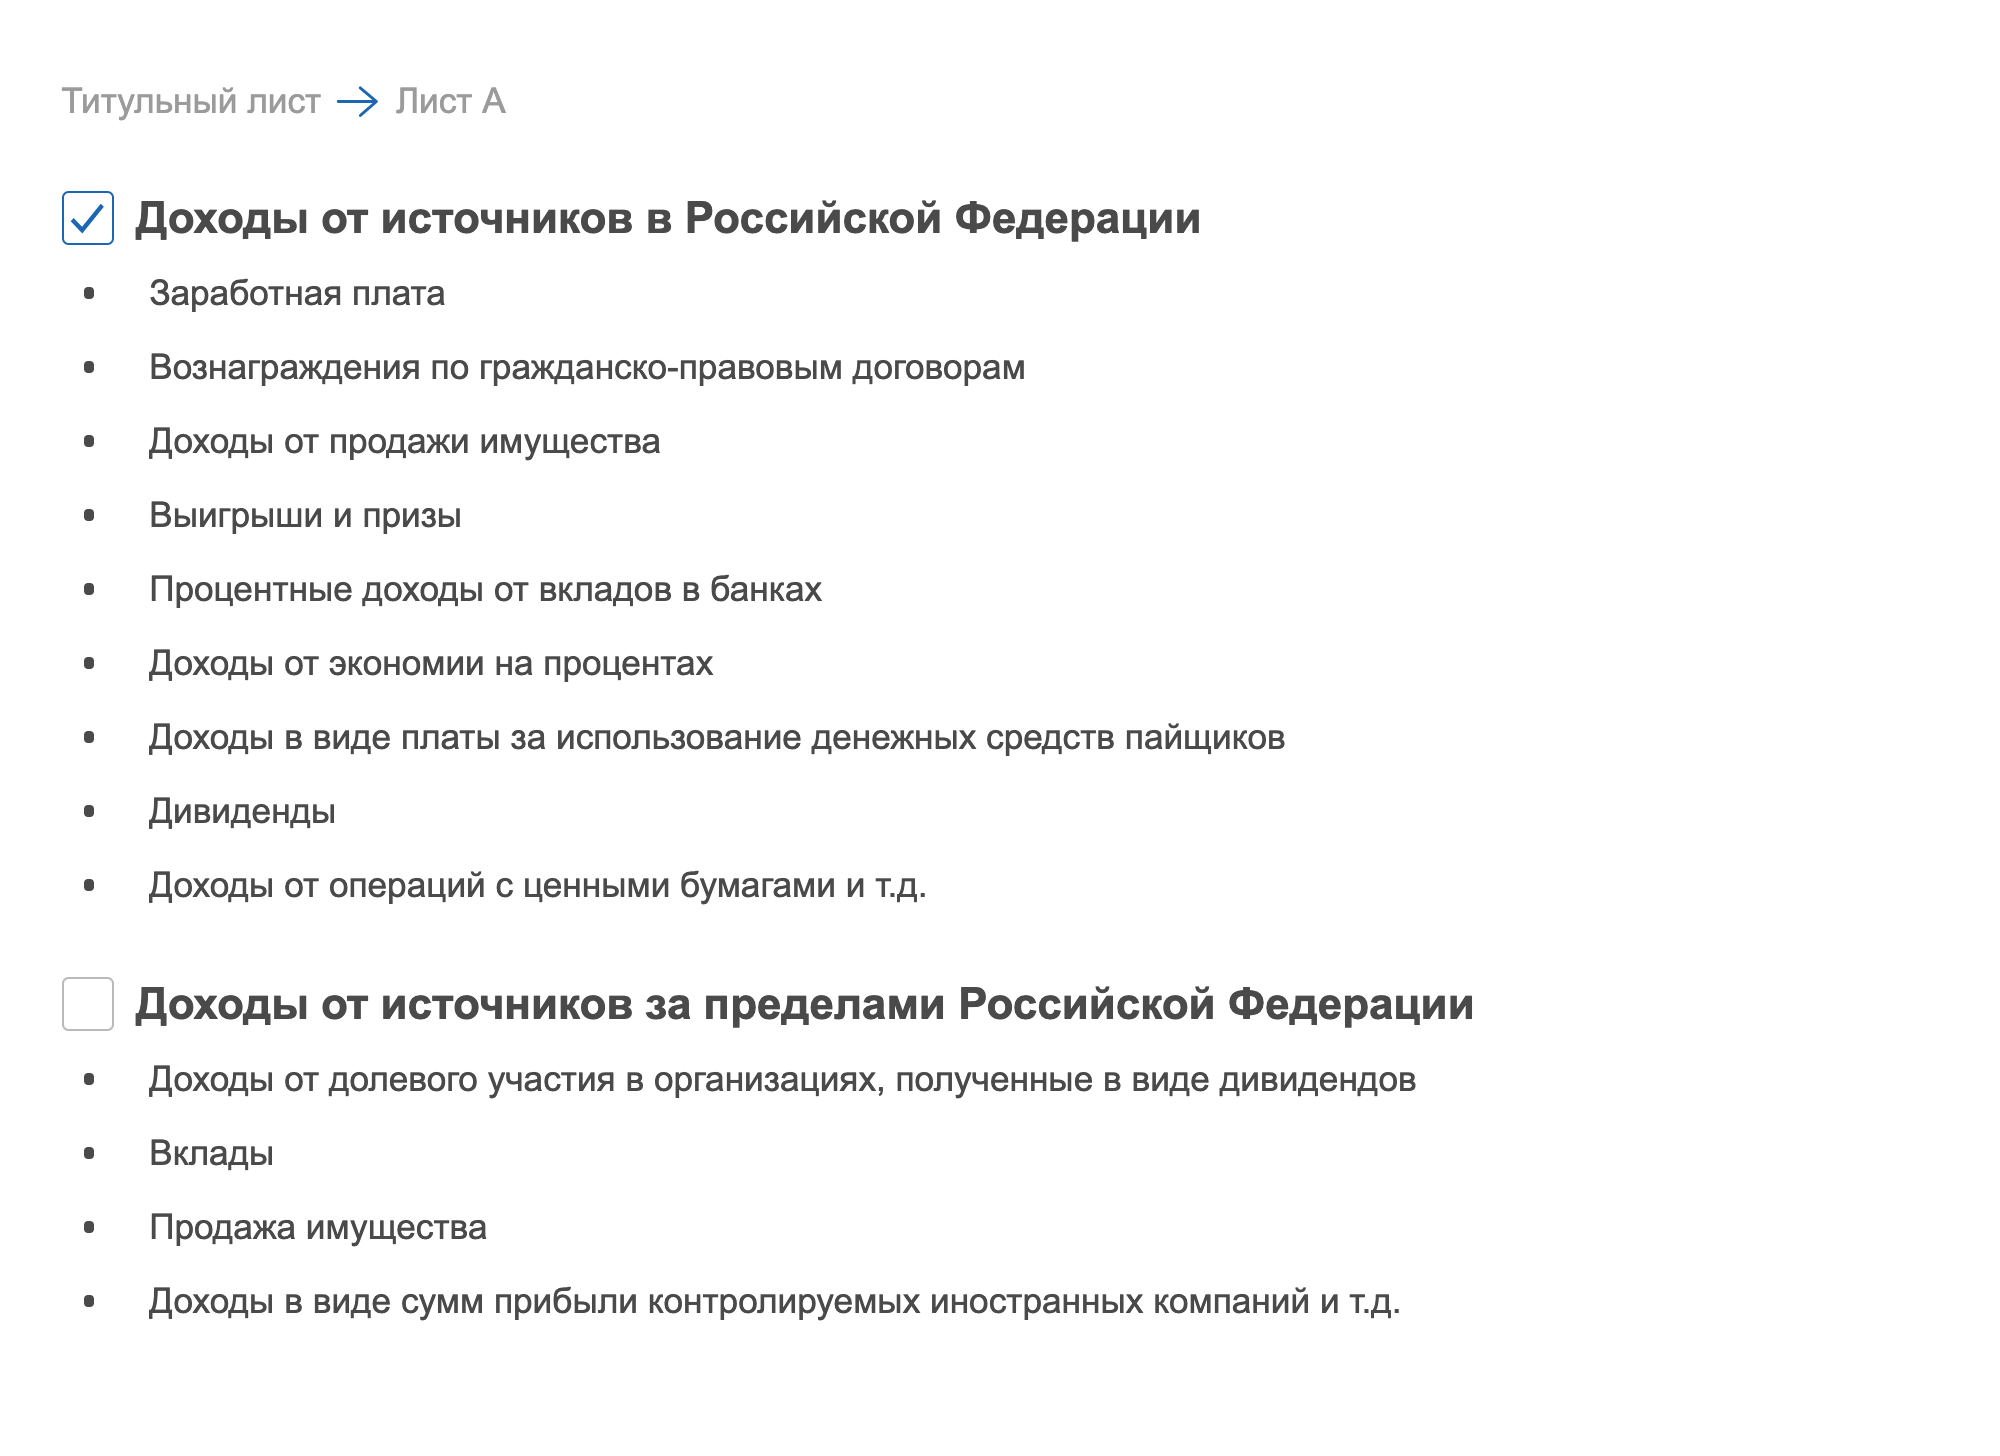 Если получали доходы от российского работодателя, поставьте галочку в нужном месте. Нажмите «Далее» — эта кнопка есть в правом нижнем углу каждого раздела